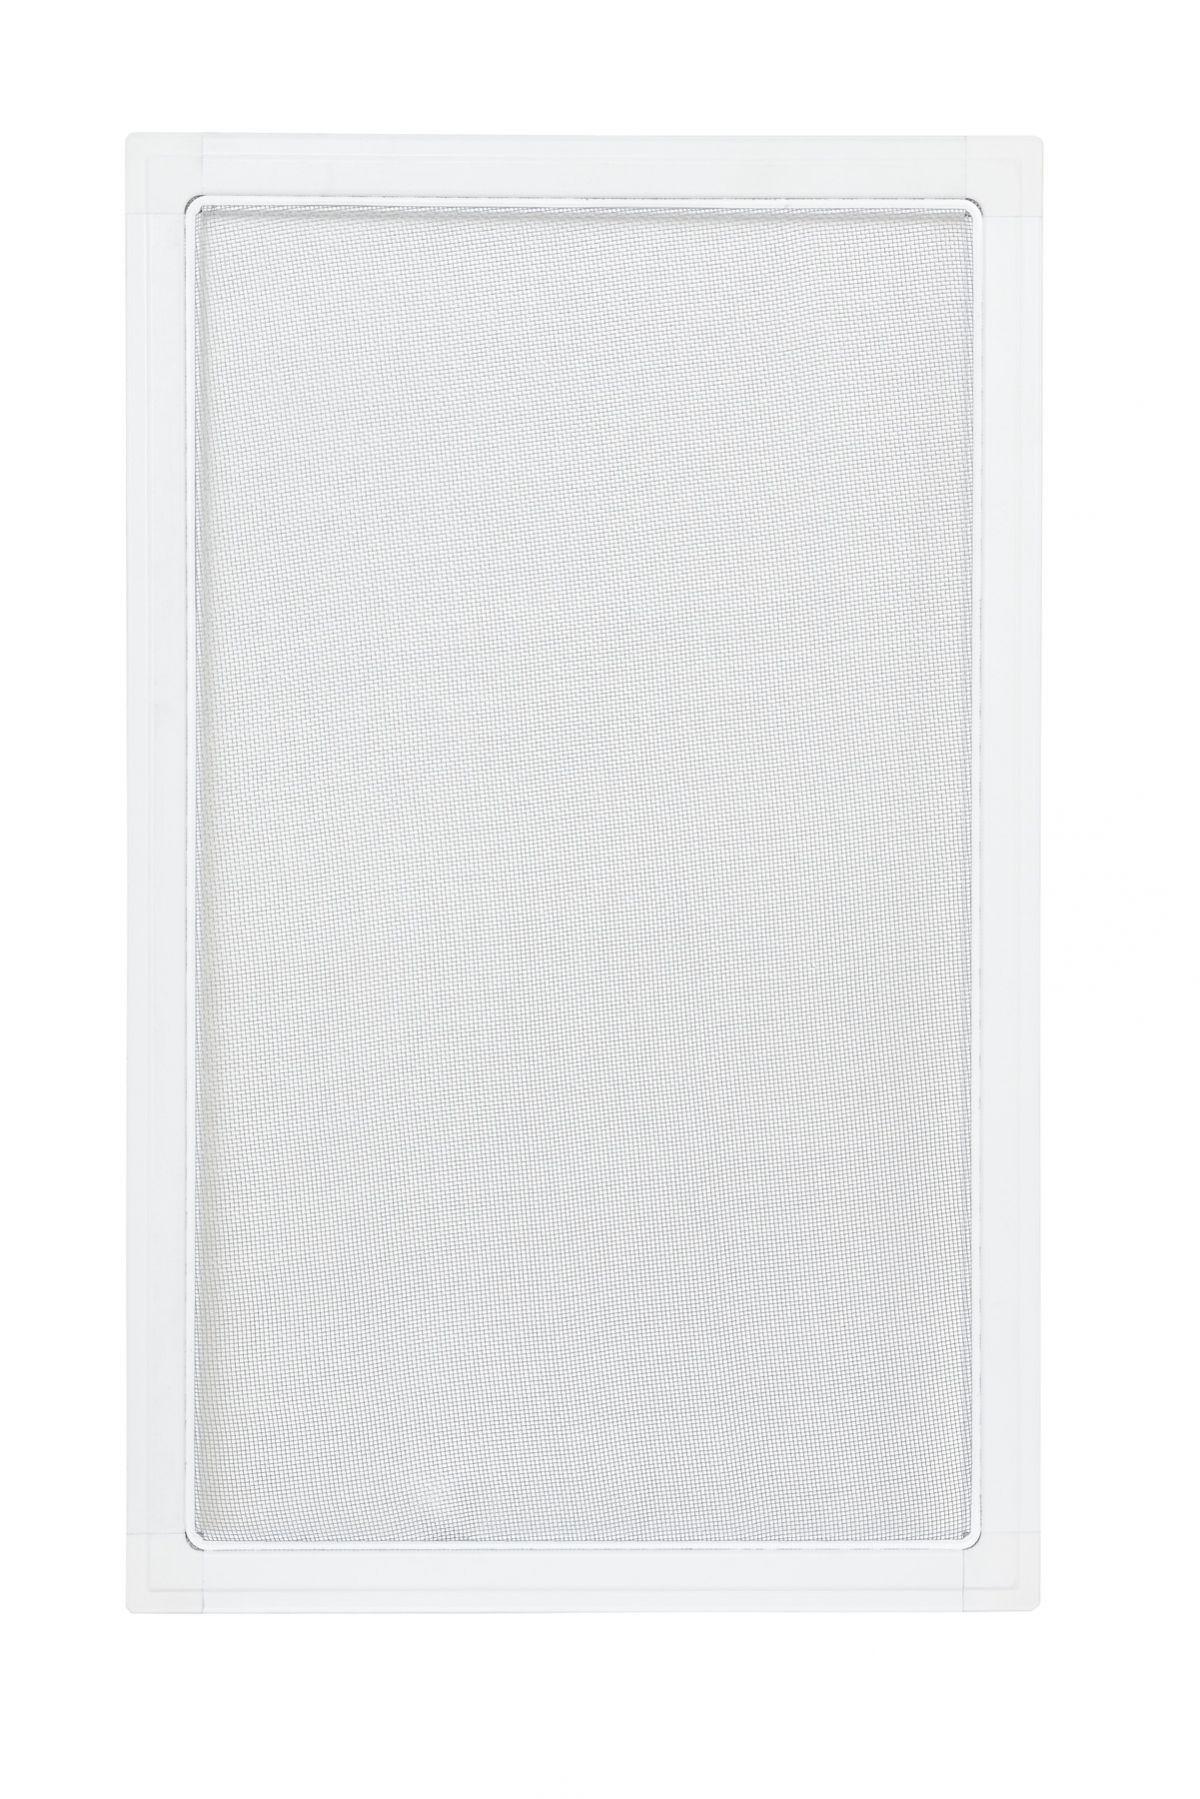 Moskitiery okienne Moskitiera ramkowa - biała, siatka czarna